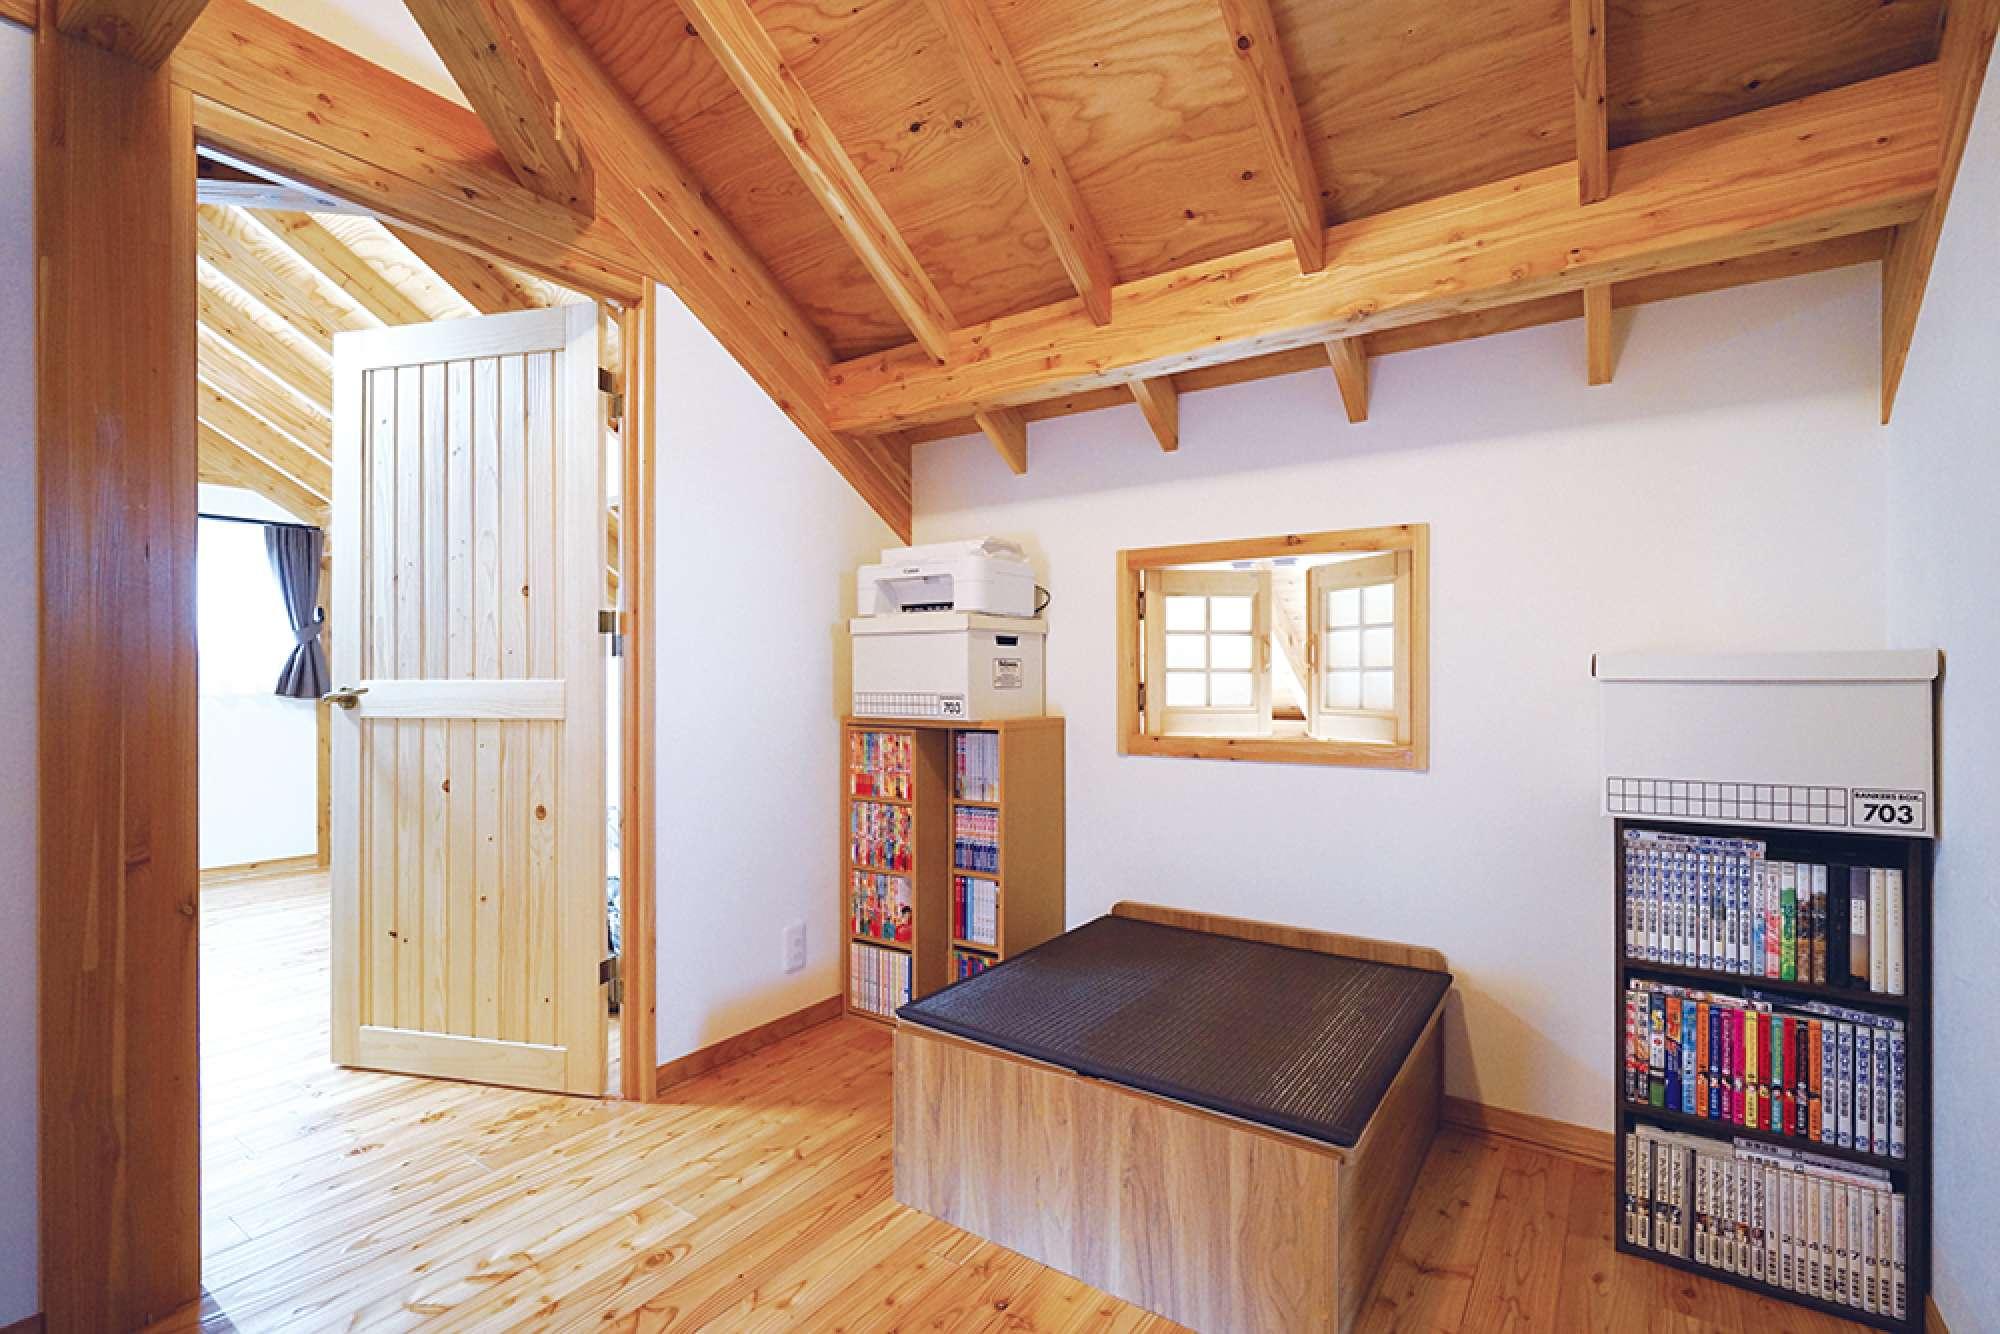 ホール。吹抜けに面して観音開きの小窓、ゆったりとした設計 -  -  -